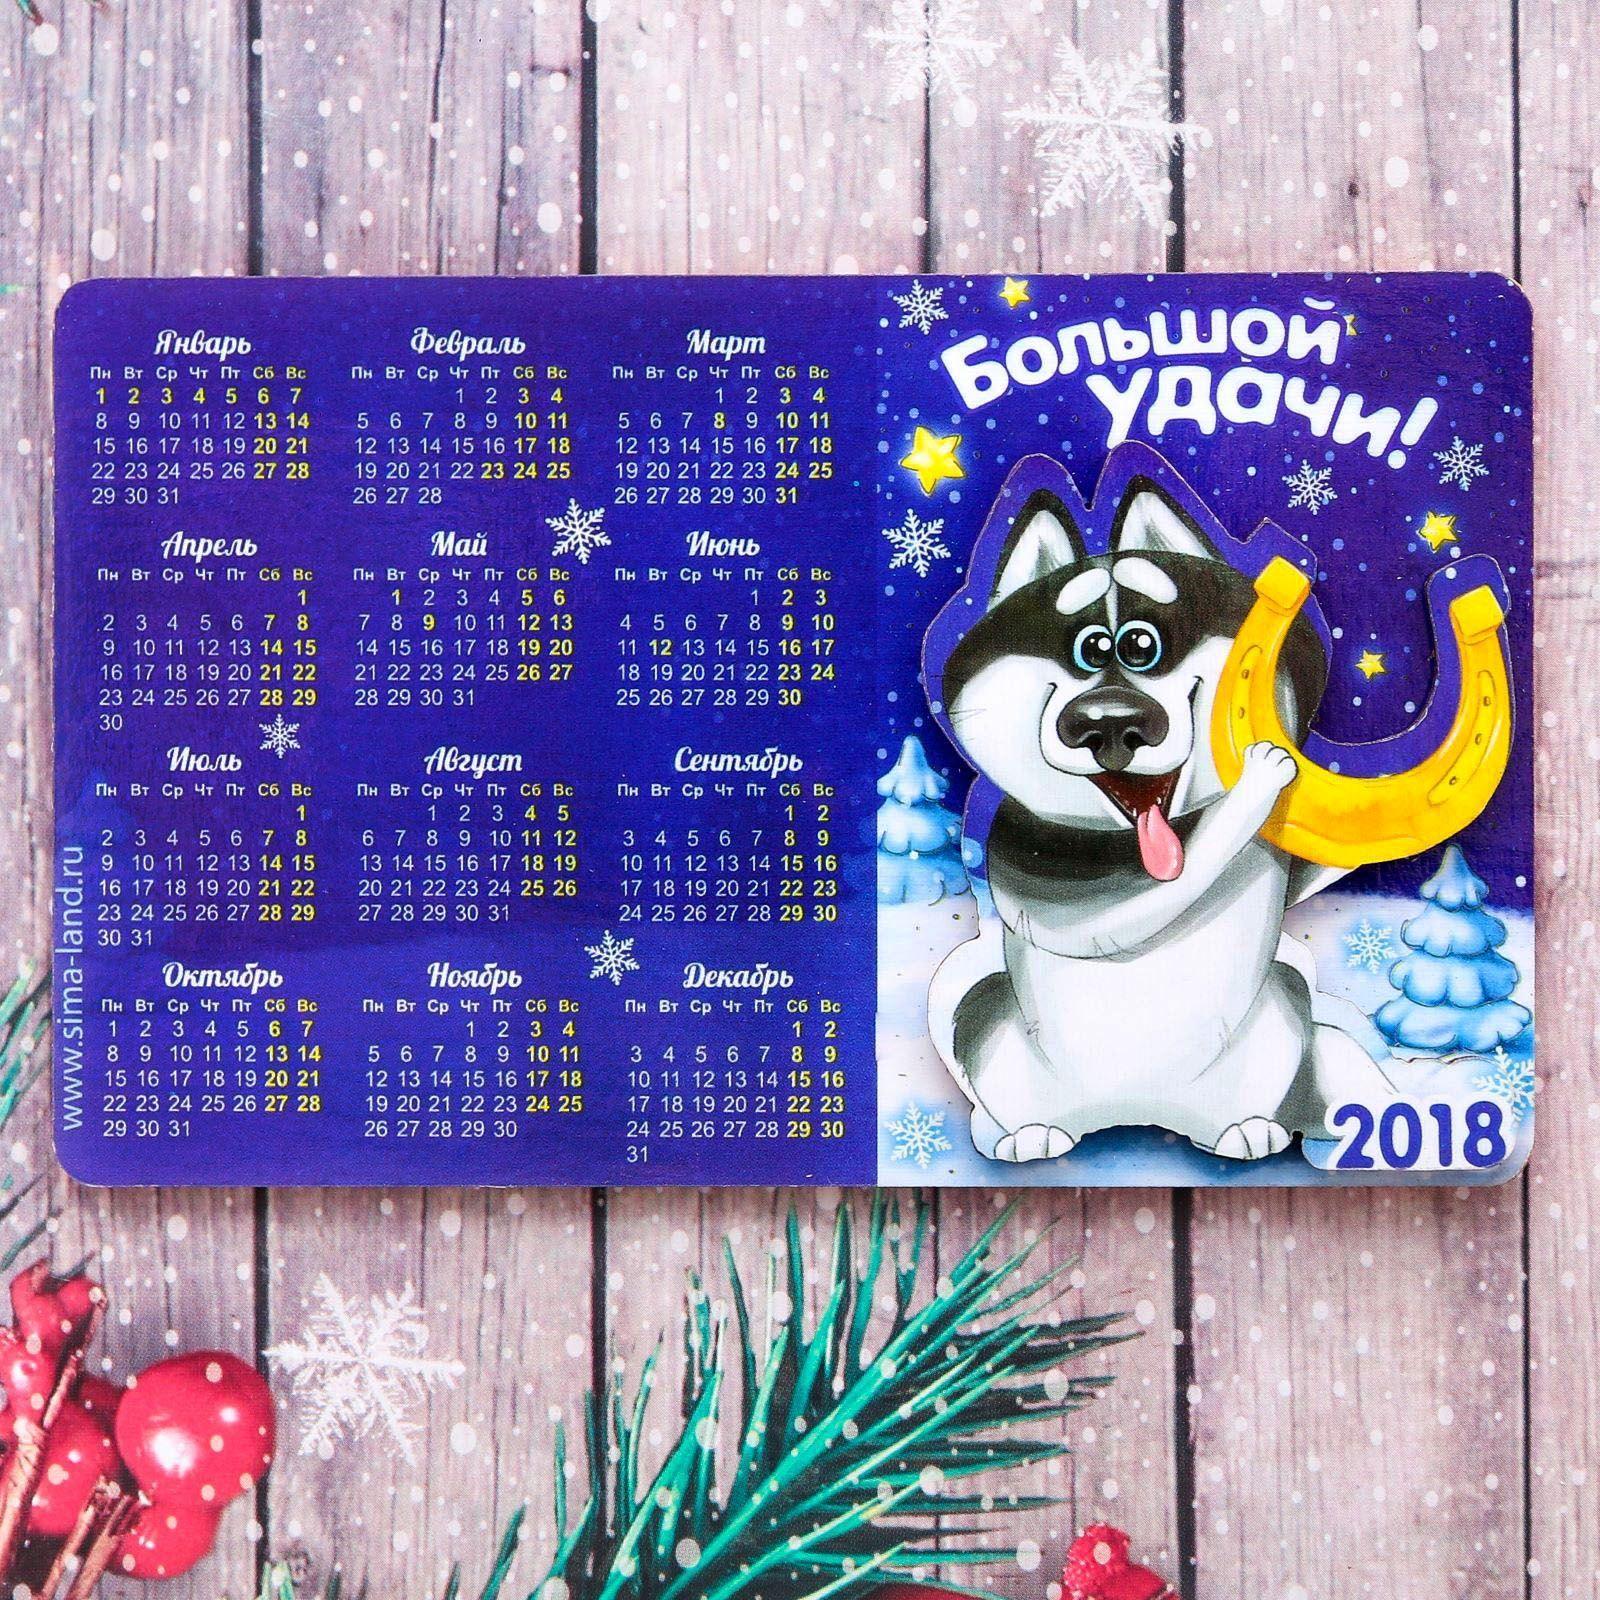 Поздравления календарь в подарок